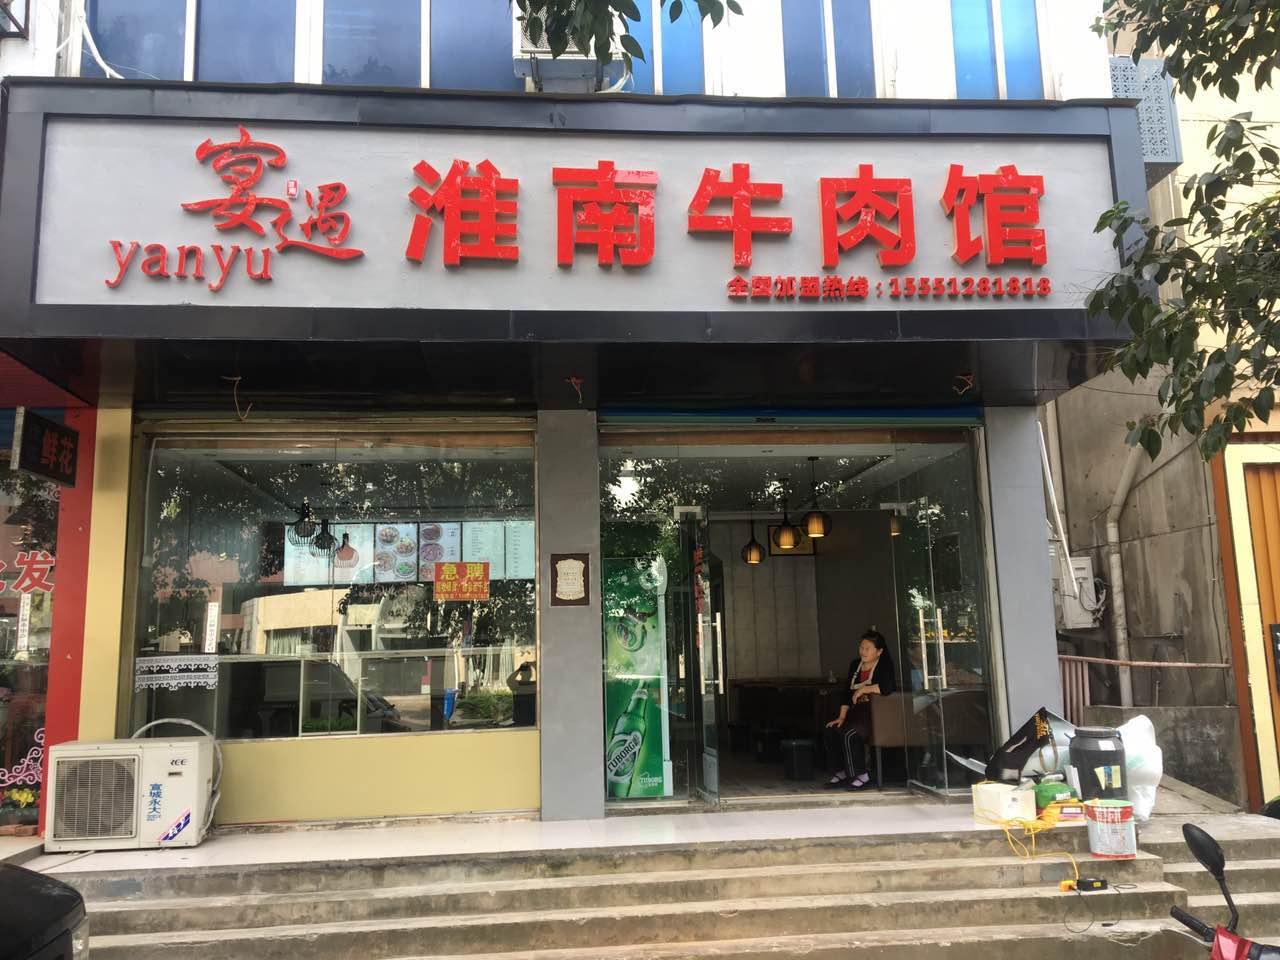 宴遇淮南牛肉汤(陵西路店)